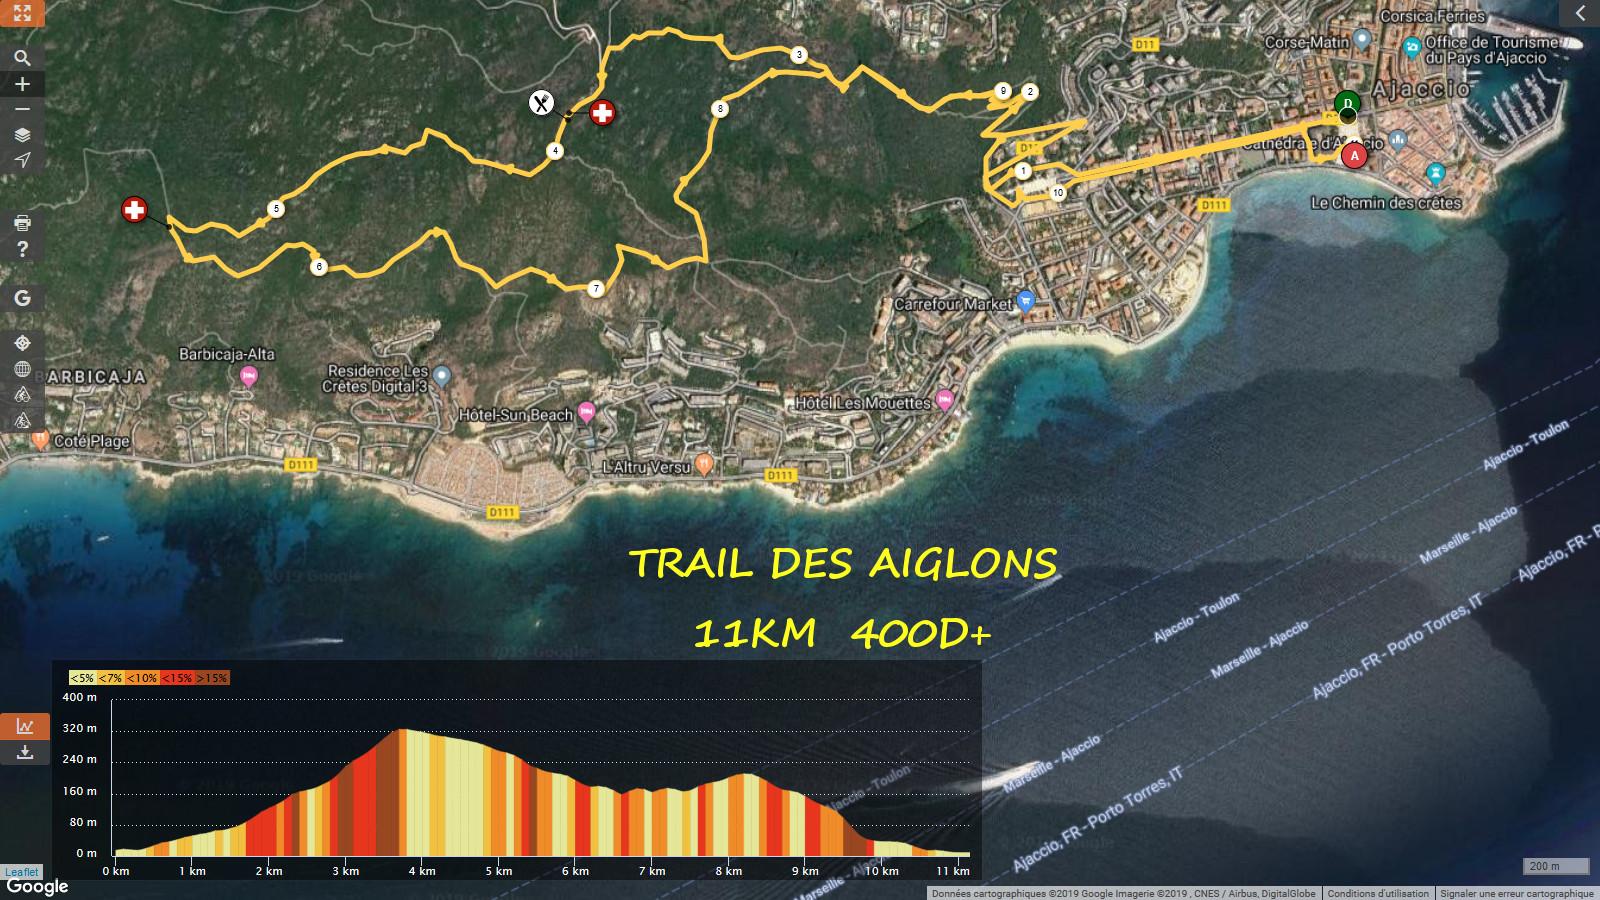 Parcours Trail des aiglons détaillé (10 km) (MAJ 01/03/2019)